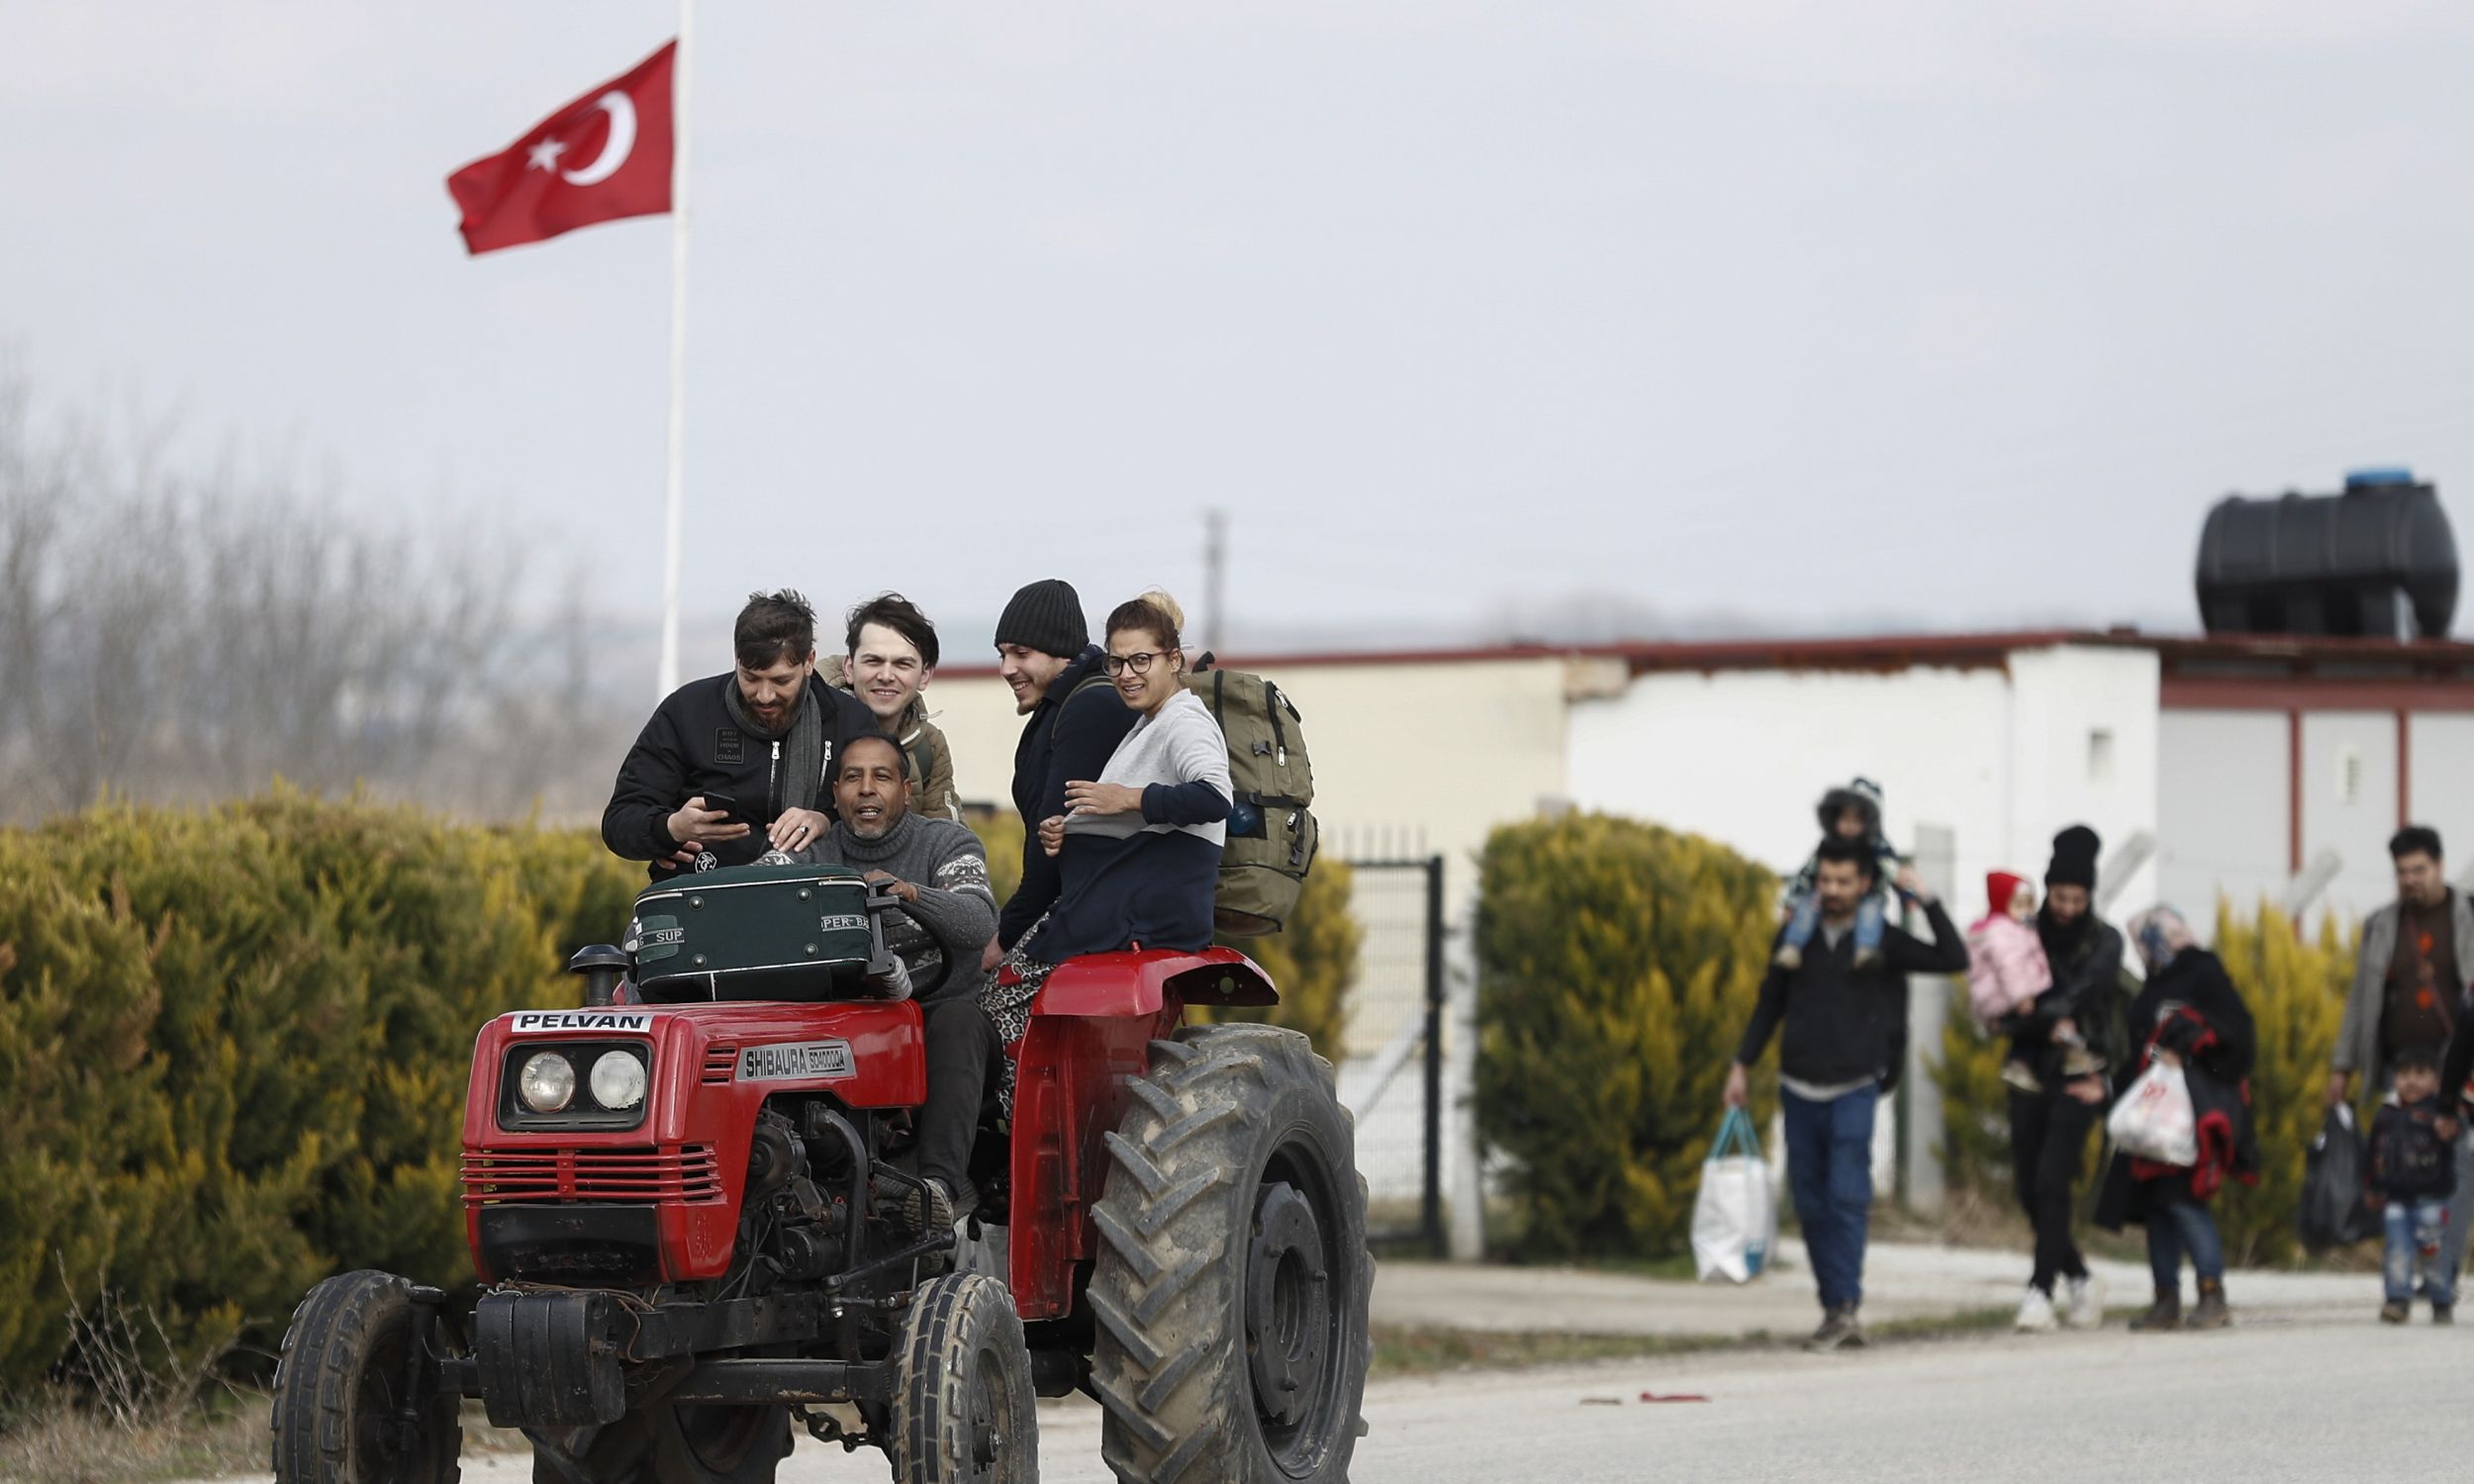 Gdy 28 lutego tureckie władze zadeklaraowały, że otworzą zachodnią granicę dla uchodźców i imigrantów, wielu ruszyło w drogę. Fot. DIMITRIS TOSIDIS/PAP/EPA.